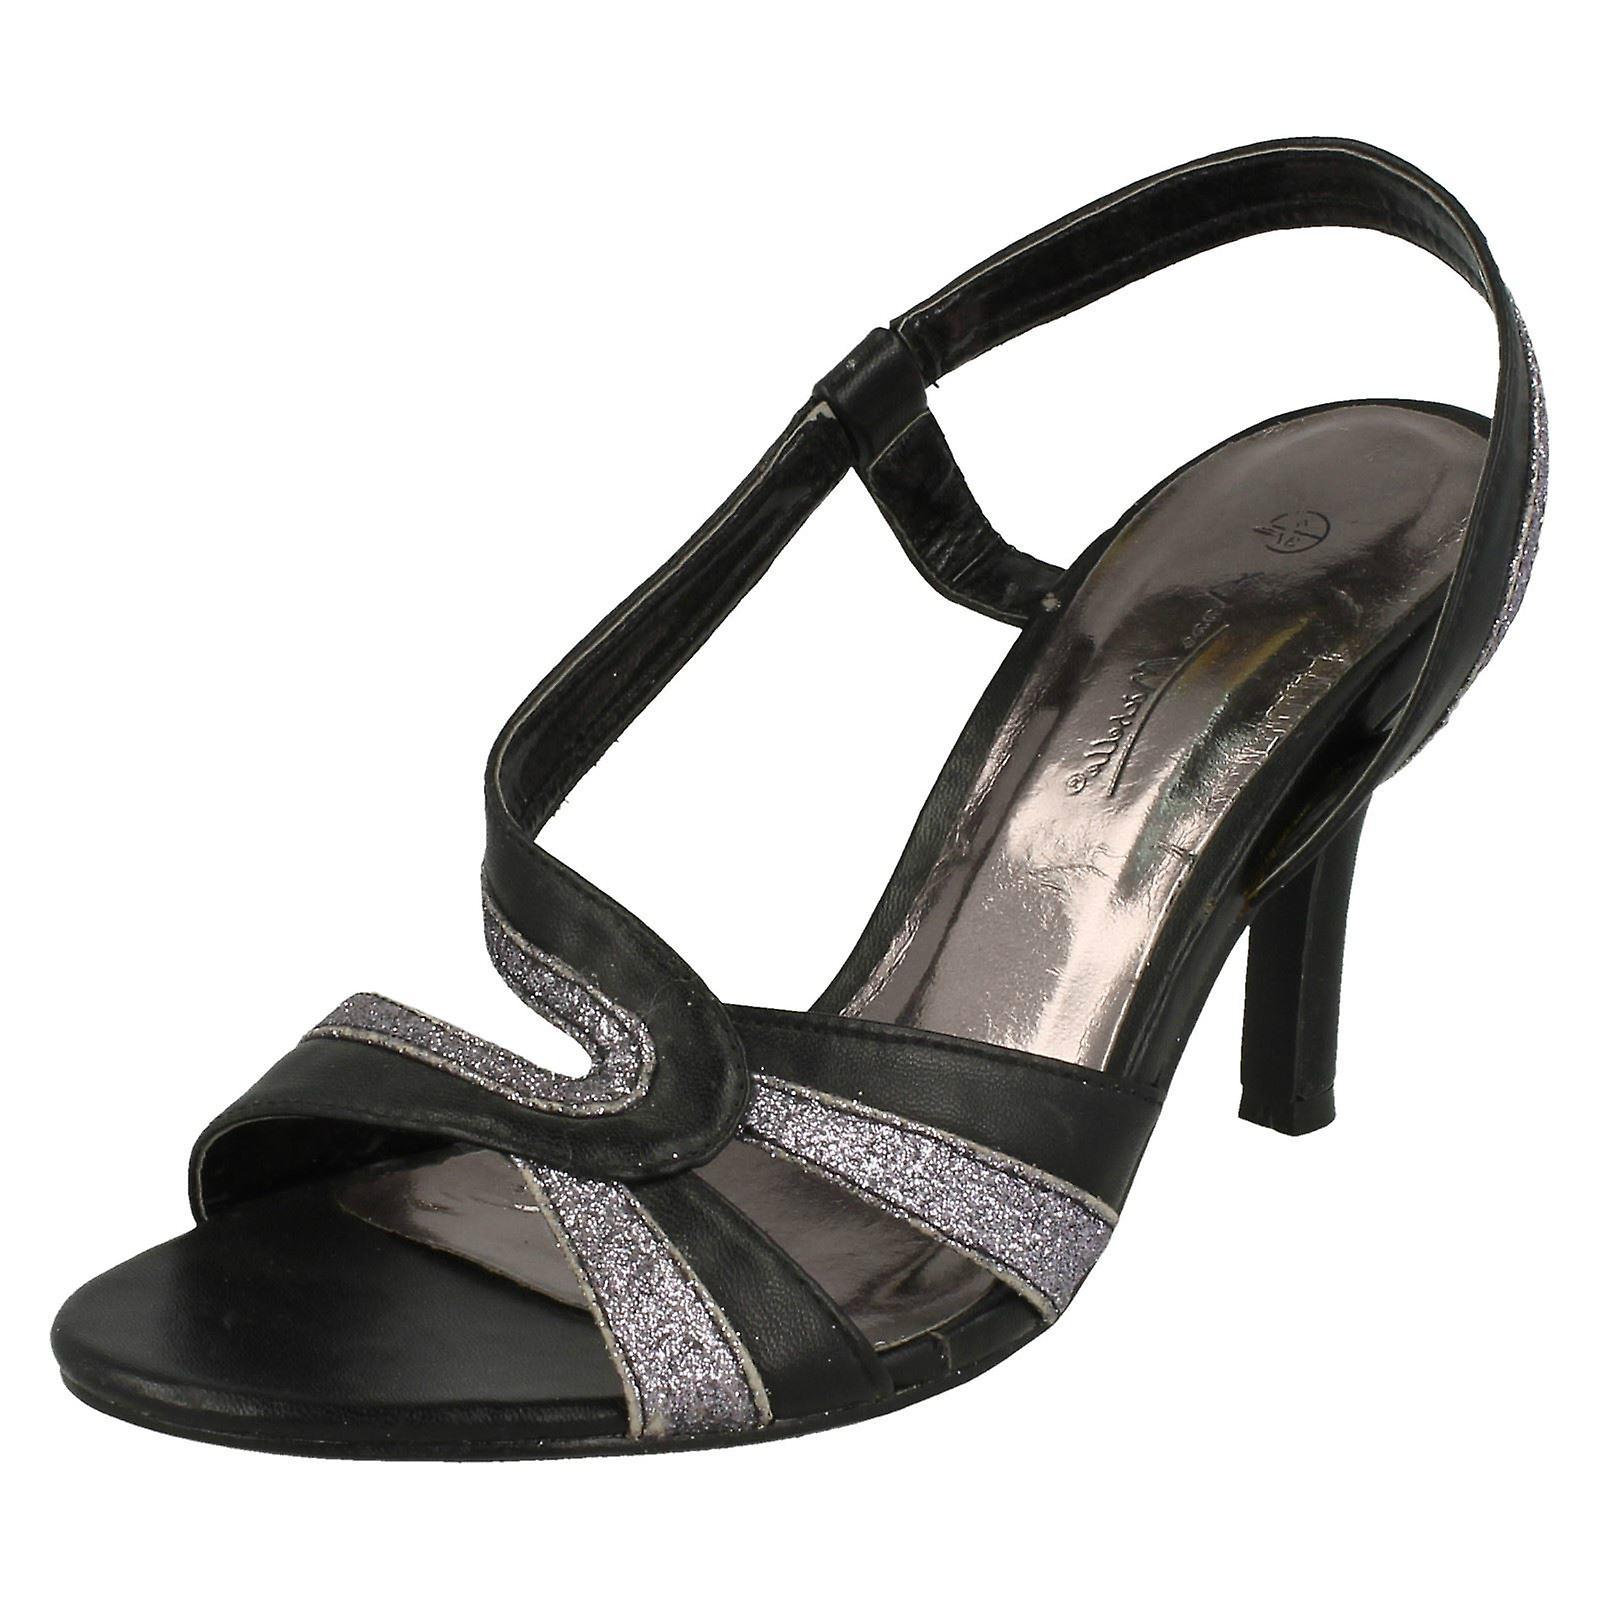 Panie Anne Michelle wysoki obcas sandały F10158 xzTUq